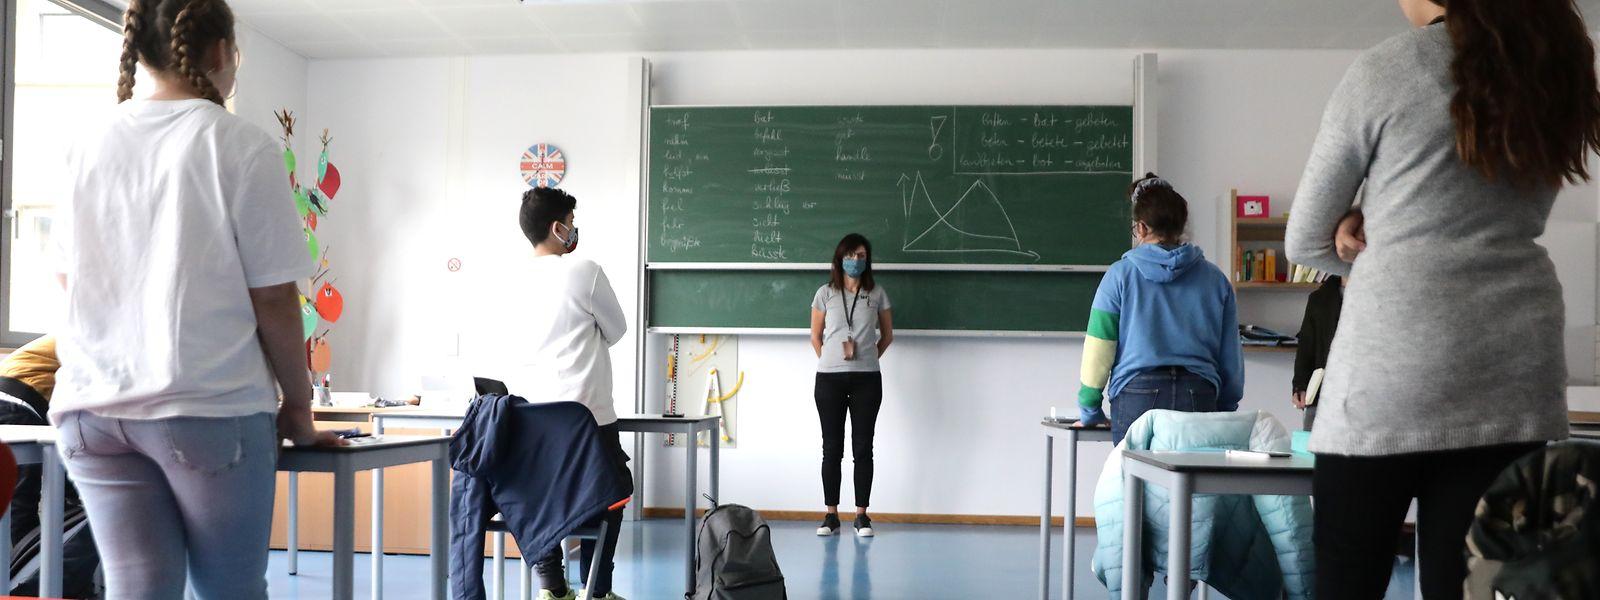 Anja Namur und ihre Klasse: Die Verbkonjugationen an der Tafel zeugen noch von der letzten regulären Unterrichtseinheit der Schüler vor zwei Monaten.